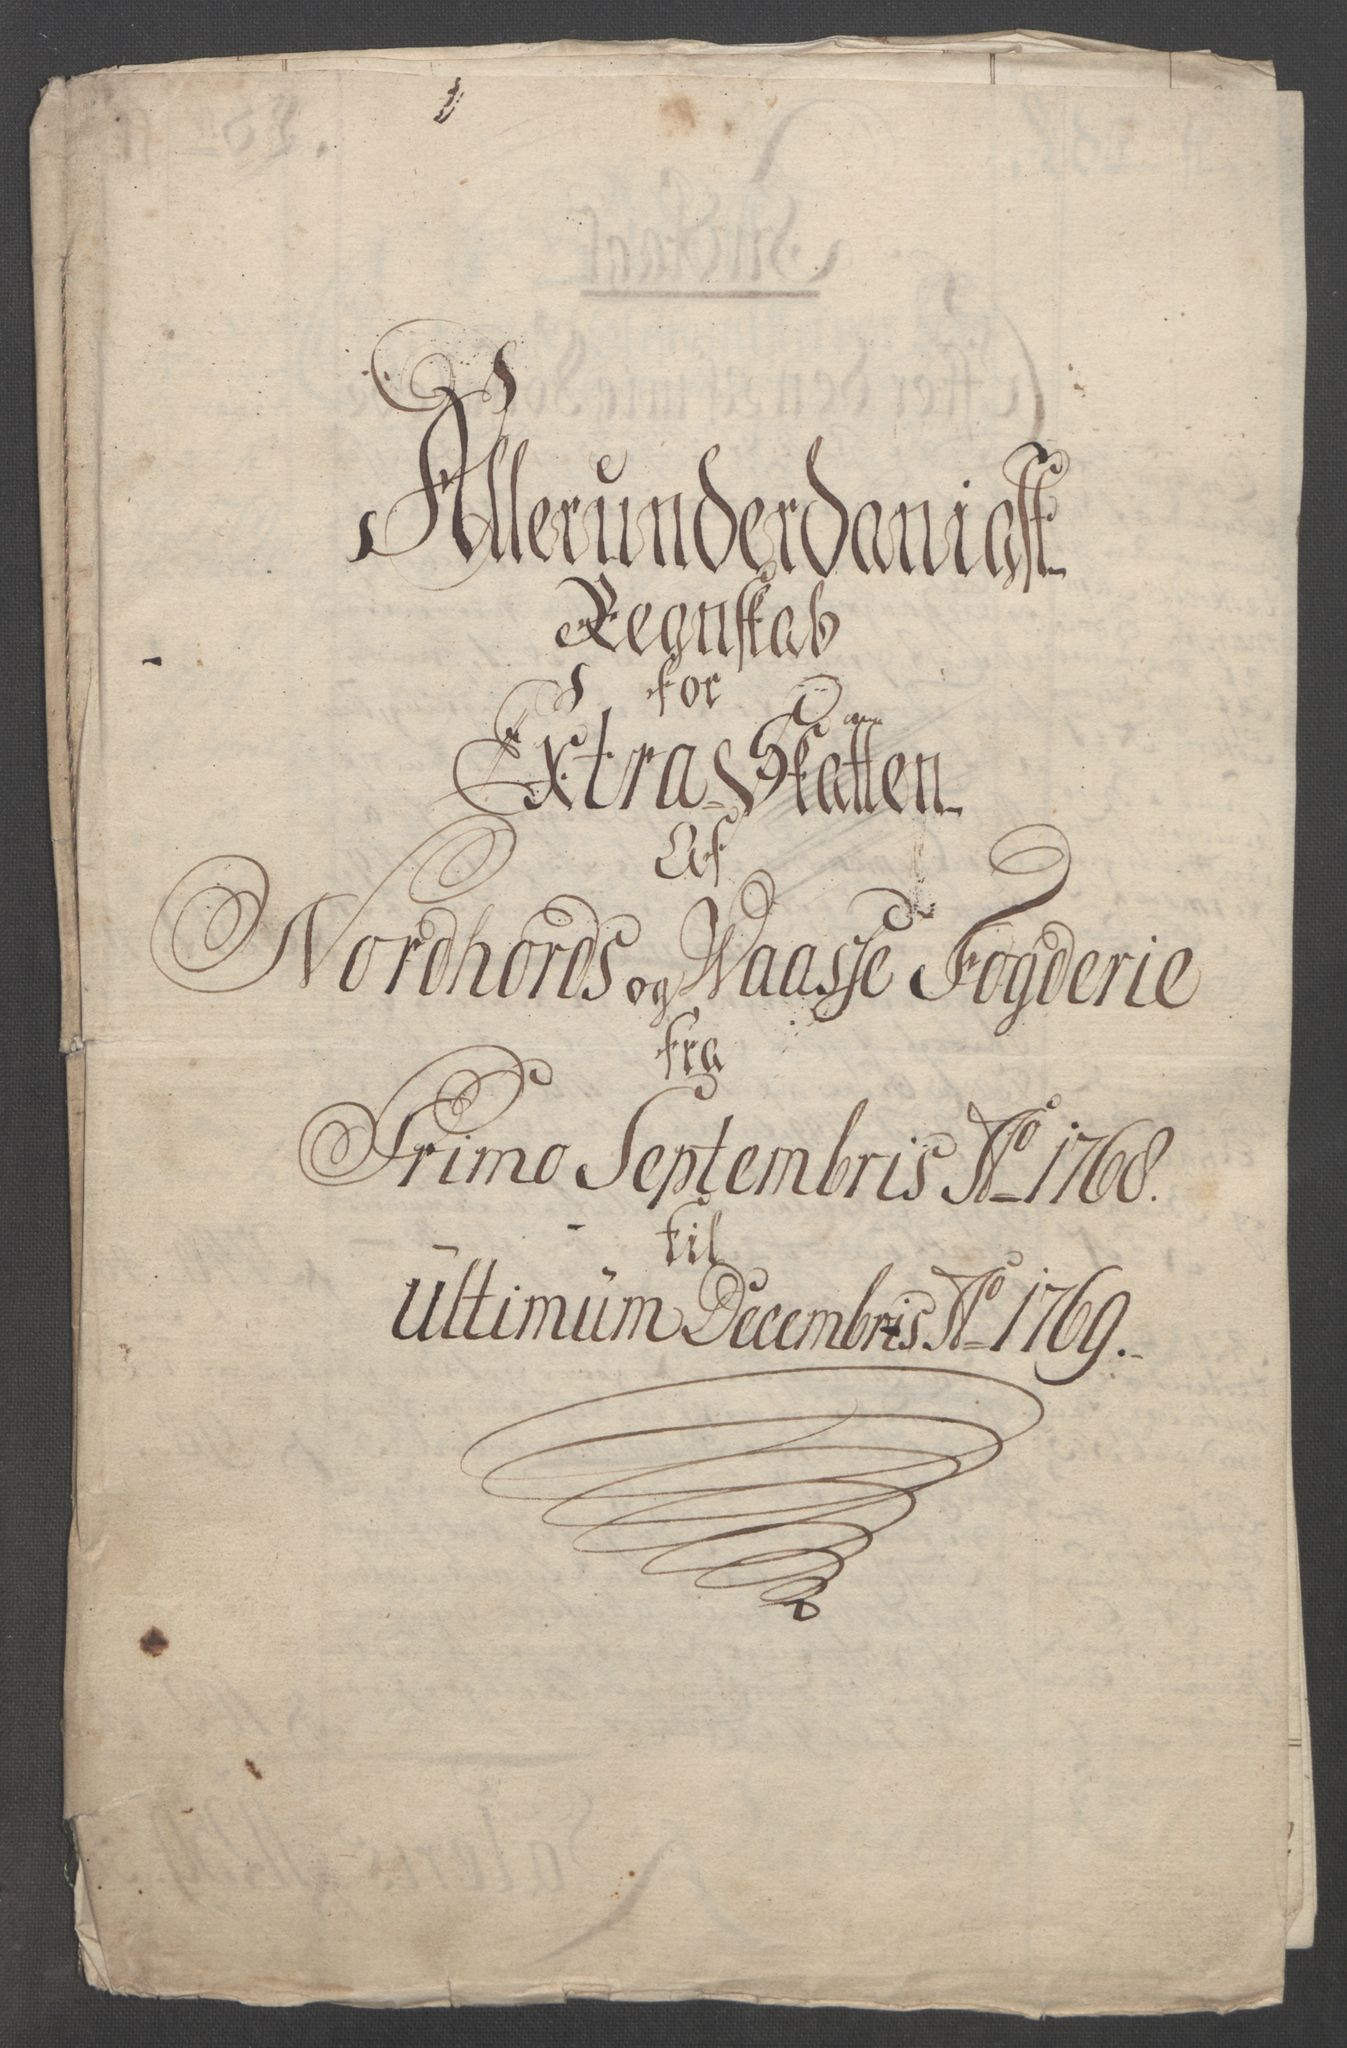 RA, Rentekammeret inntil 1814, Reviderte regnskaper, Fogderegnskap, R51/L3303: Ekstraskatten Nordhordland og Voss, 1762-1772, s. 341